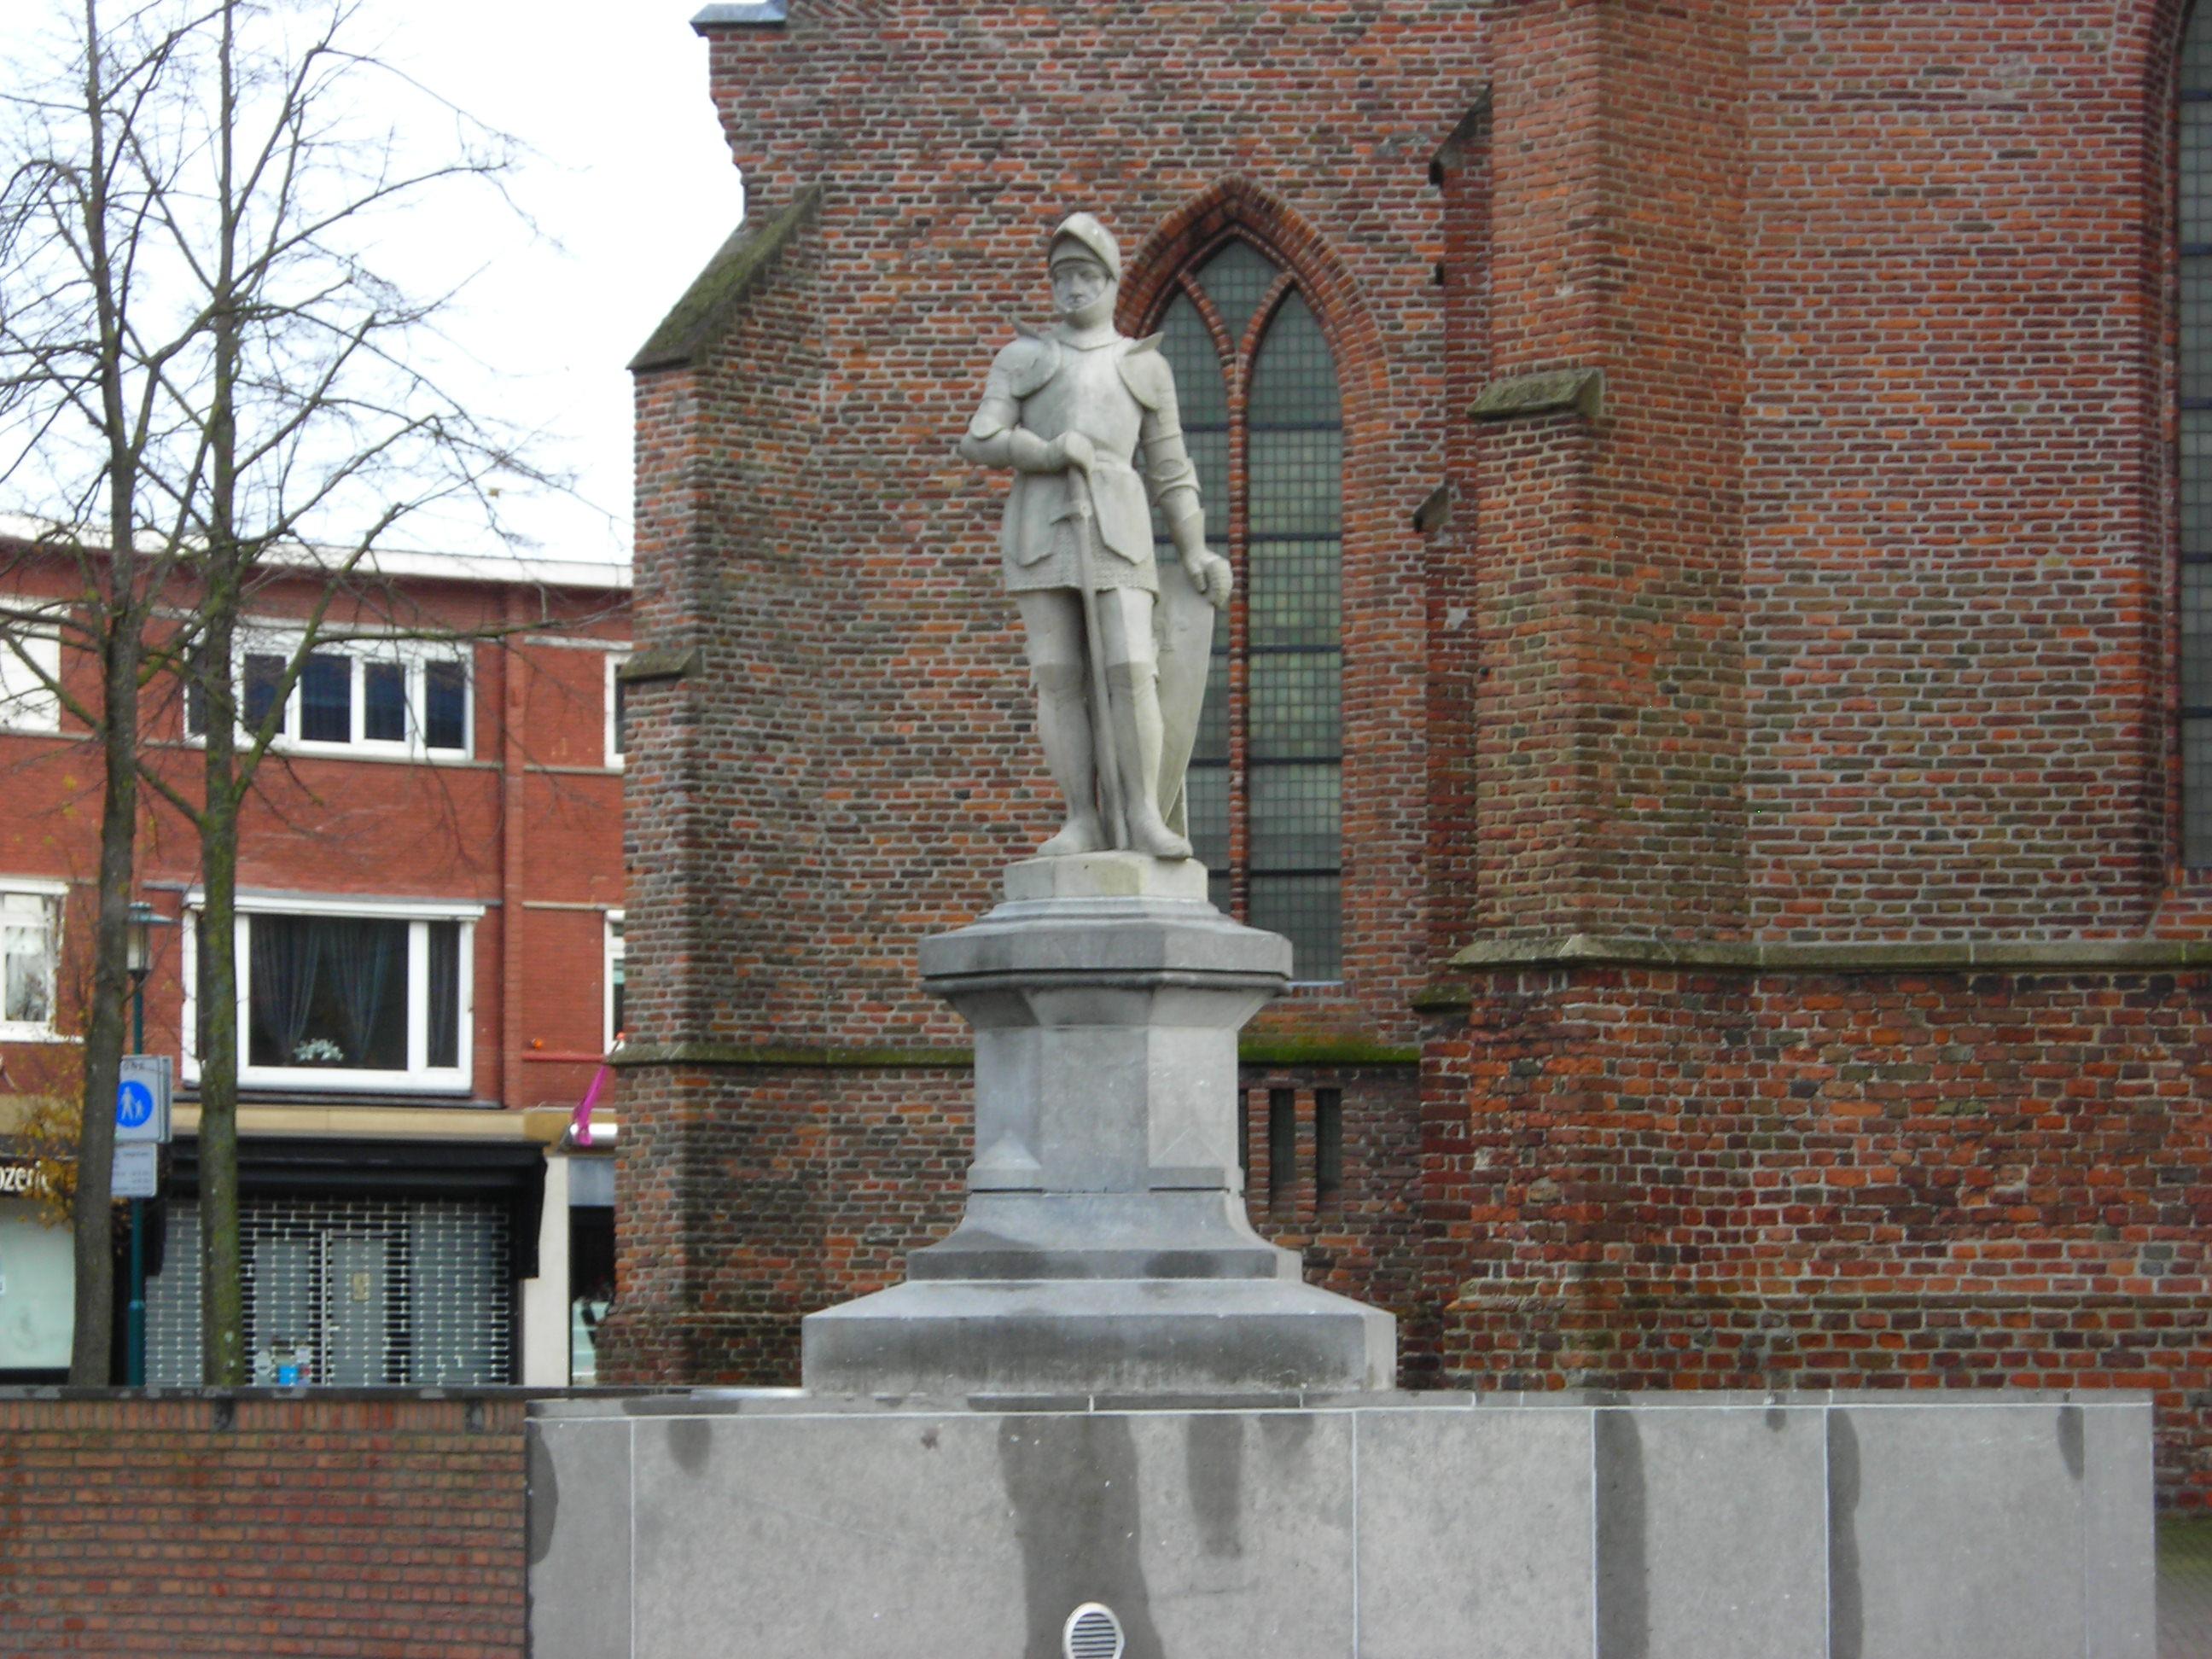 De sprong van jan van schaffelaar overal is geschiedenis - Beeld het meisje van ...